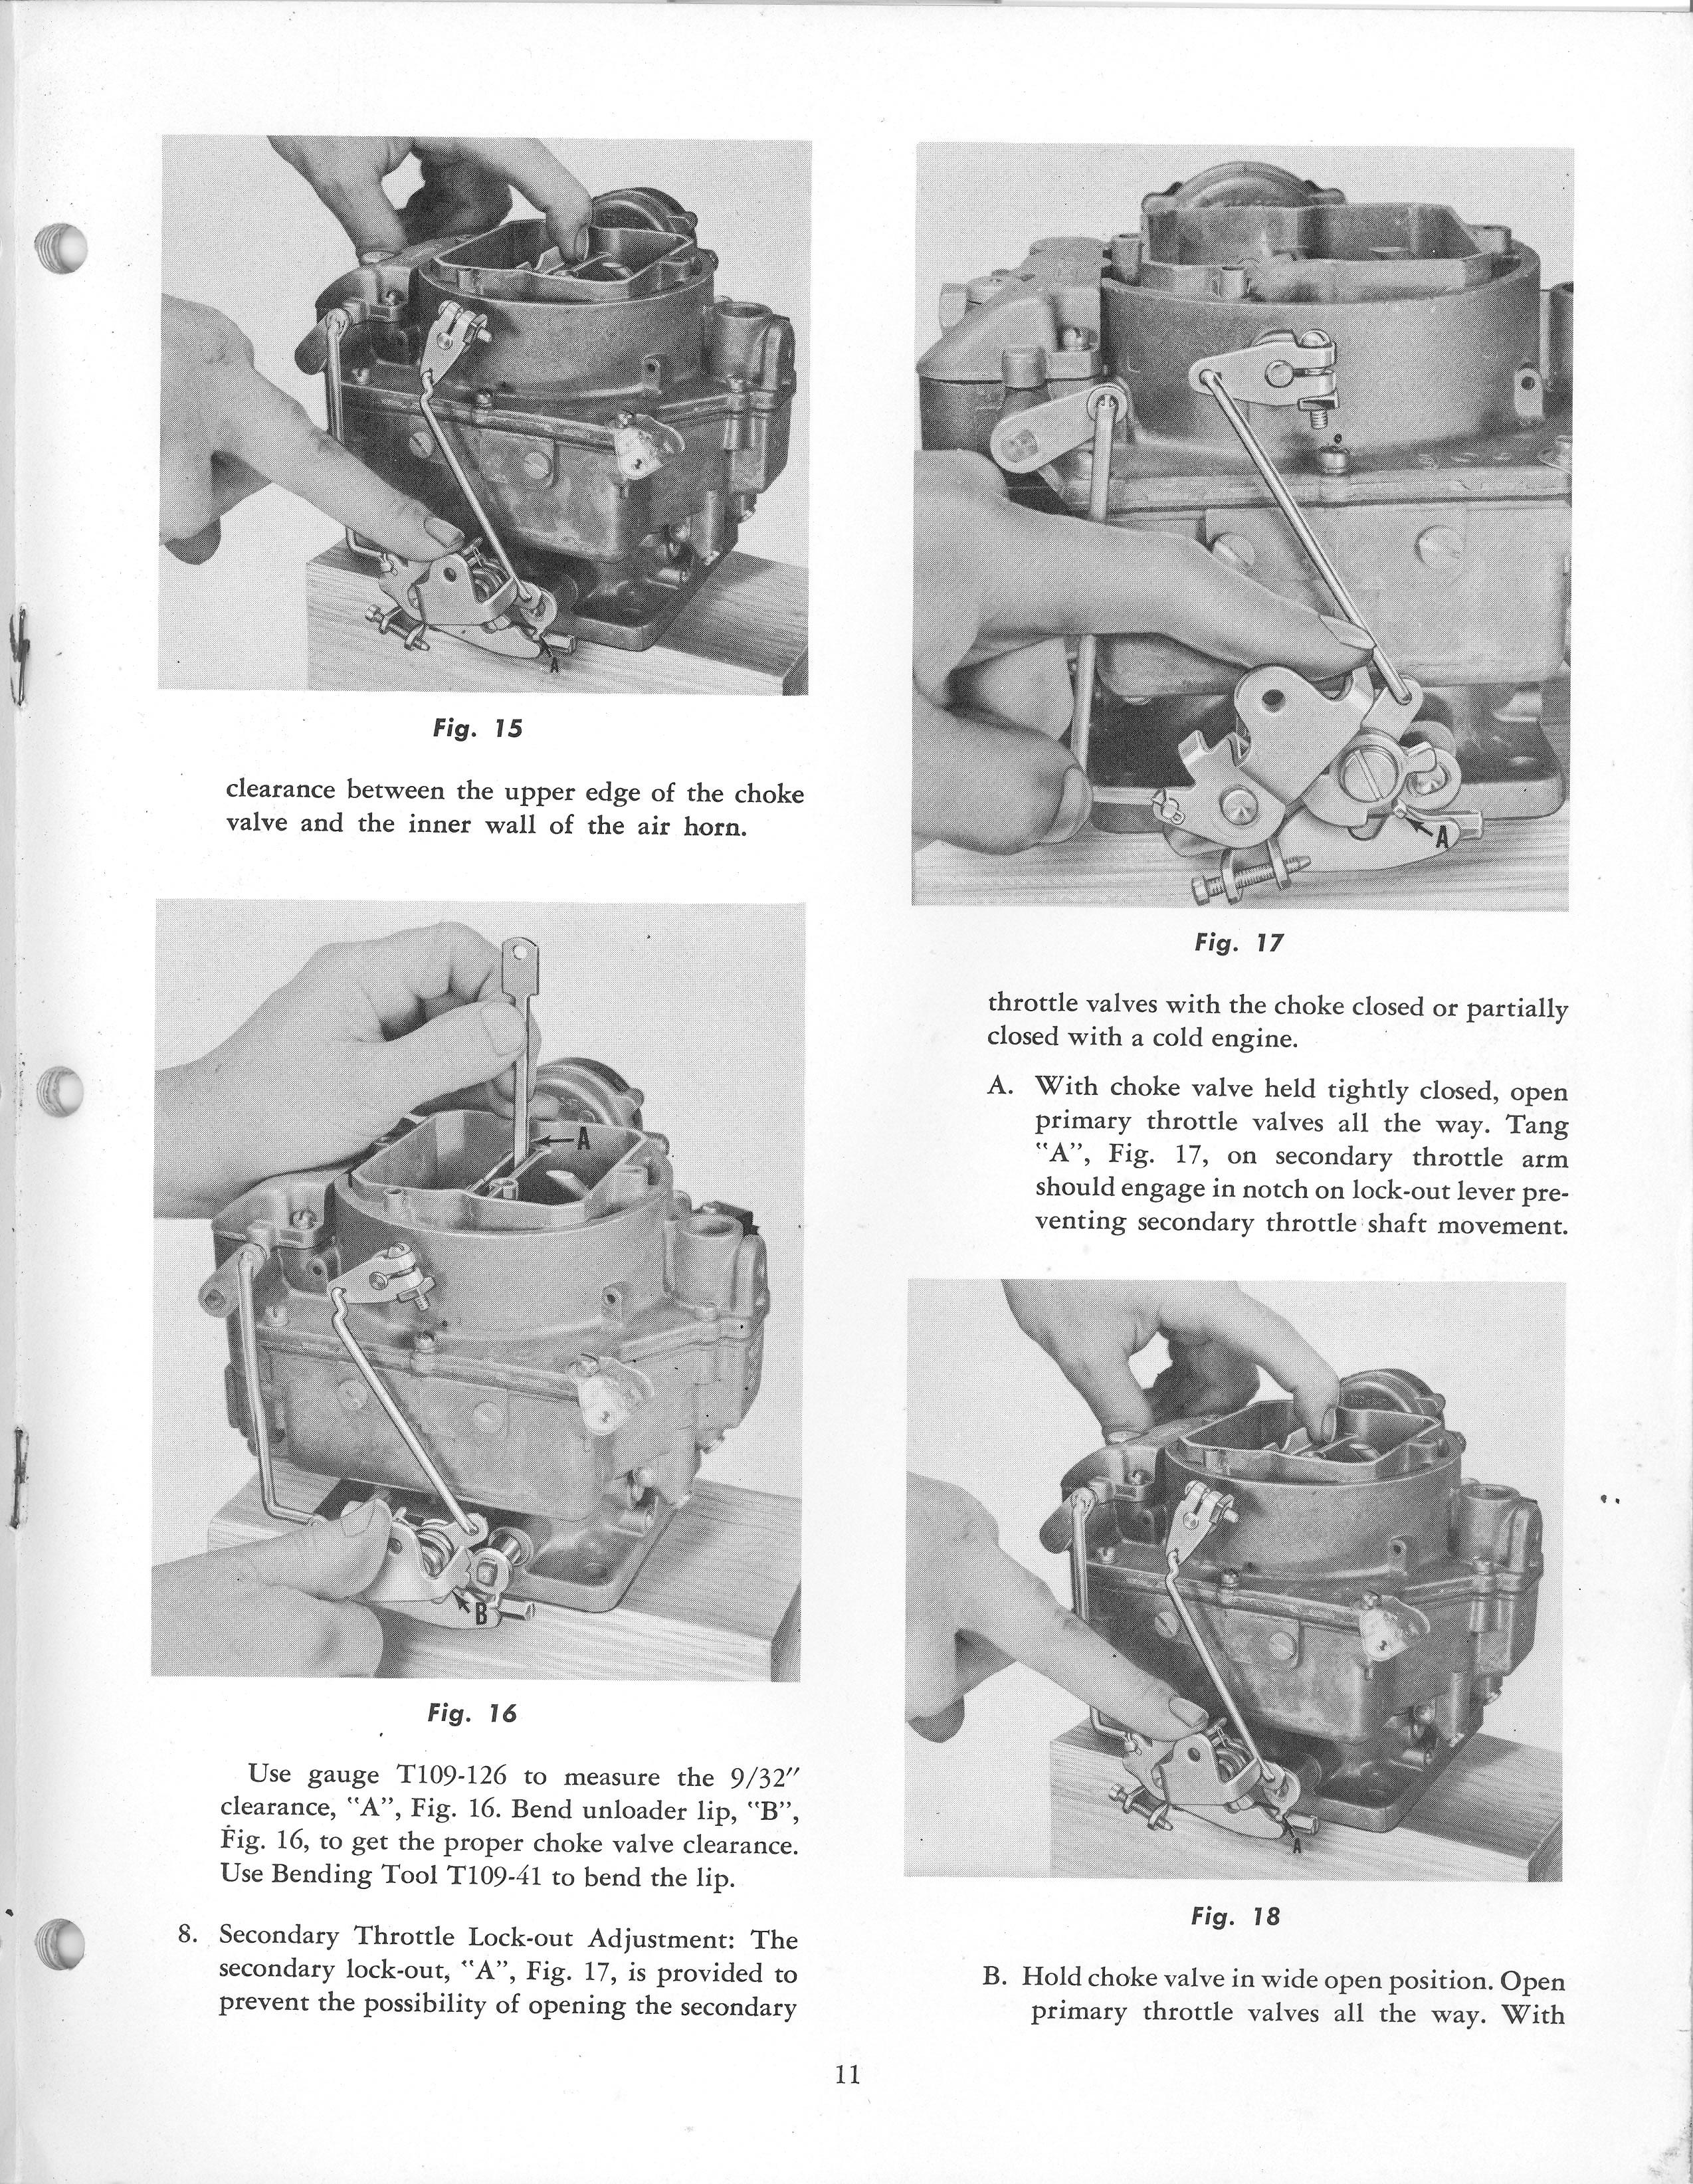 1953 Packard Carter WCFB Manual / Packard 4-Barrel0011 jpg